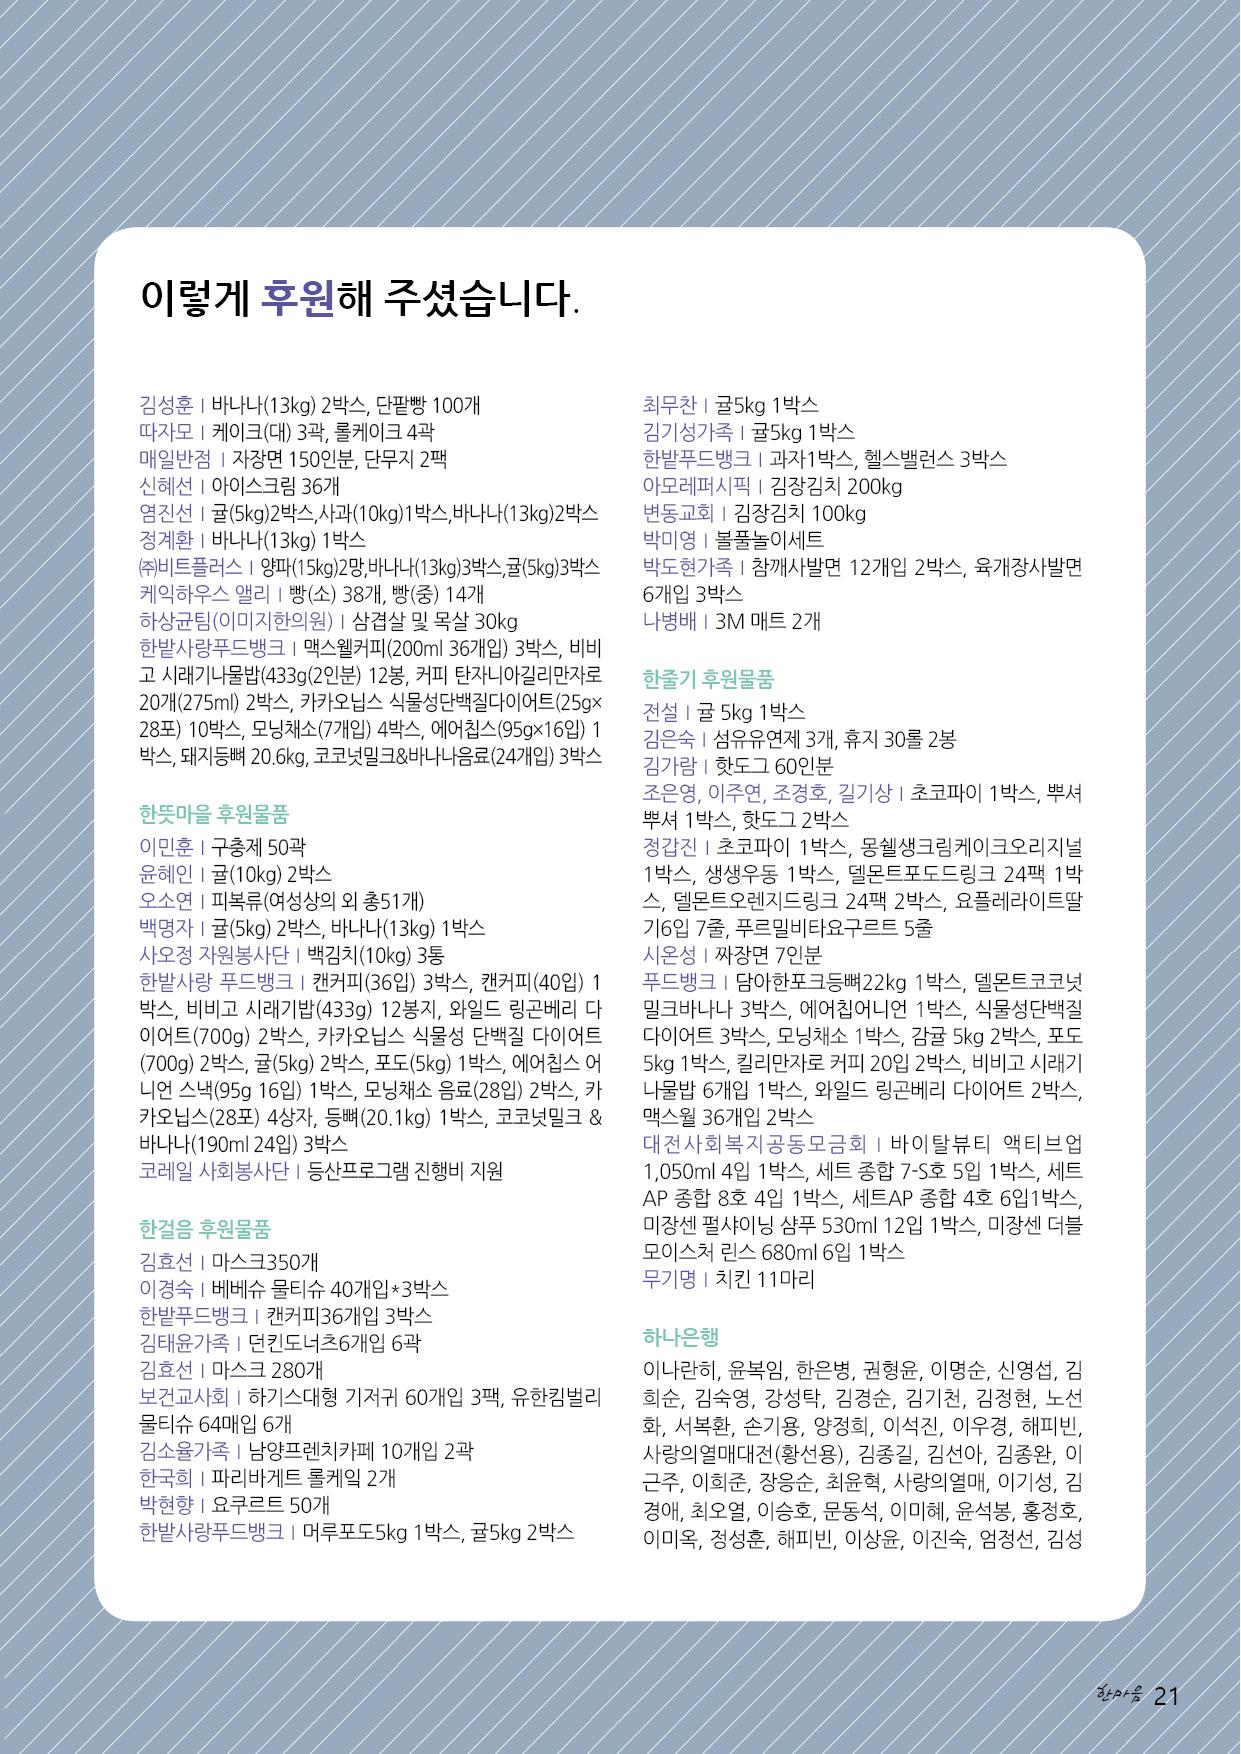 12월소식지21.jpg